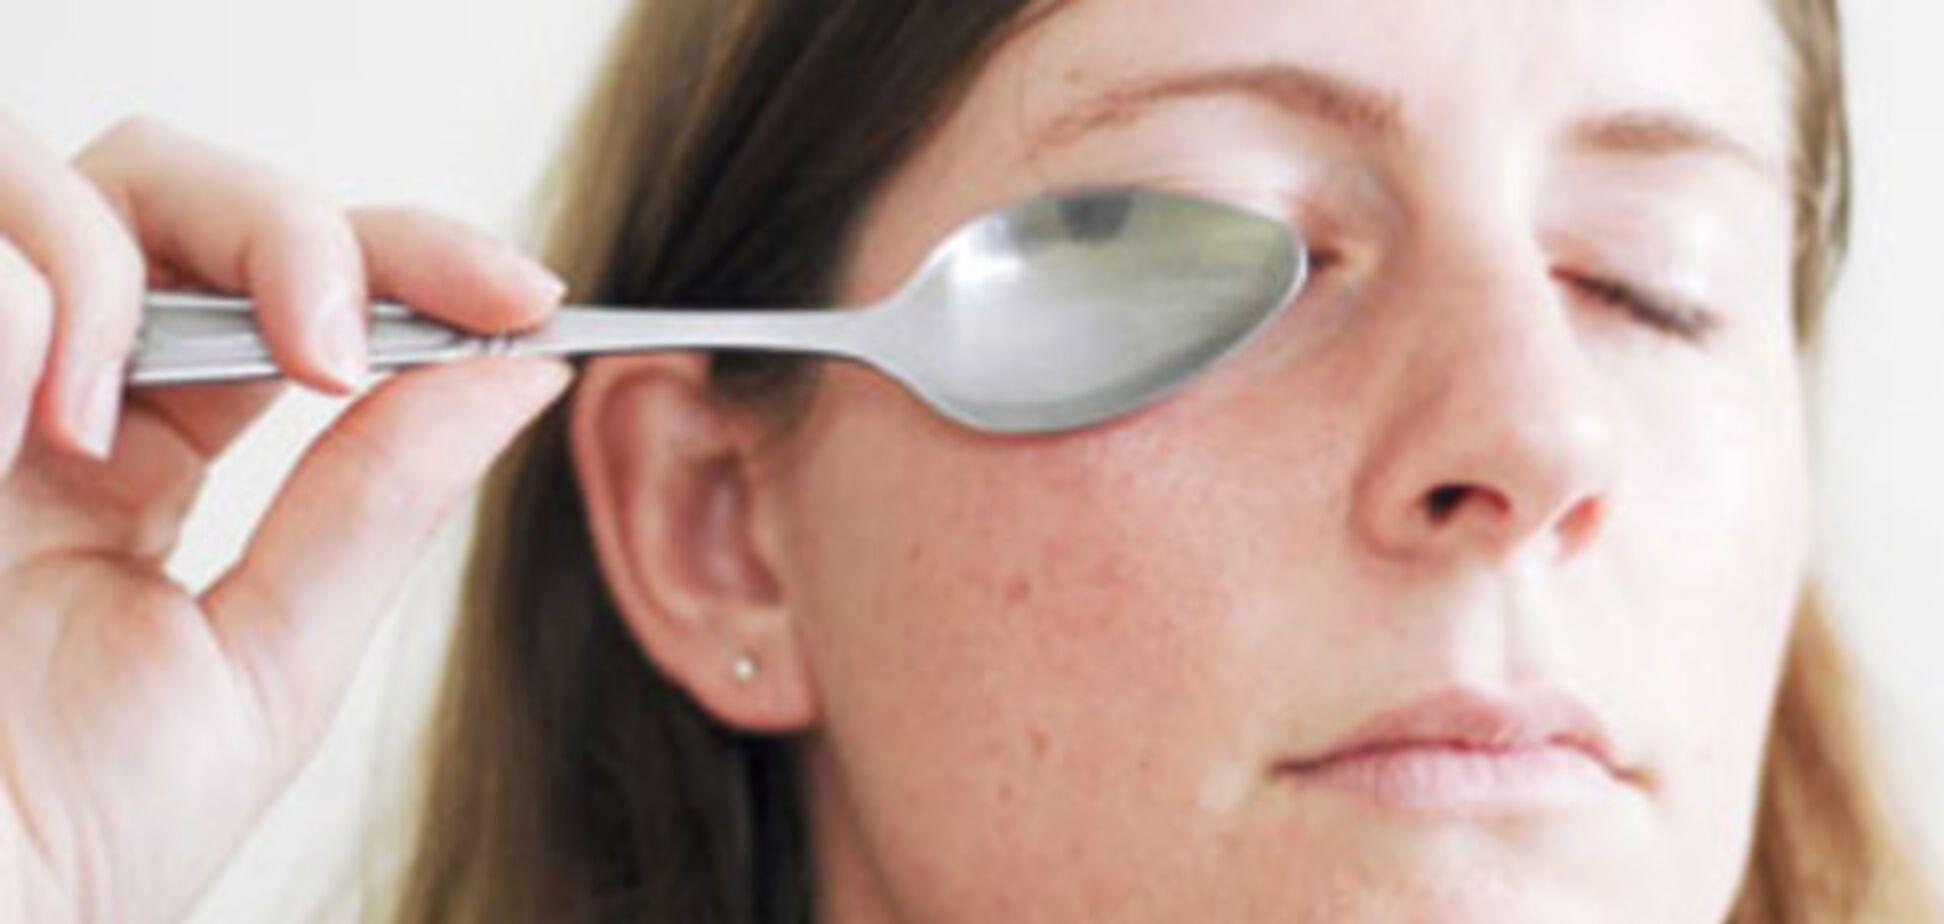 Как снять отек с лица: эффективные методы лечения